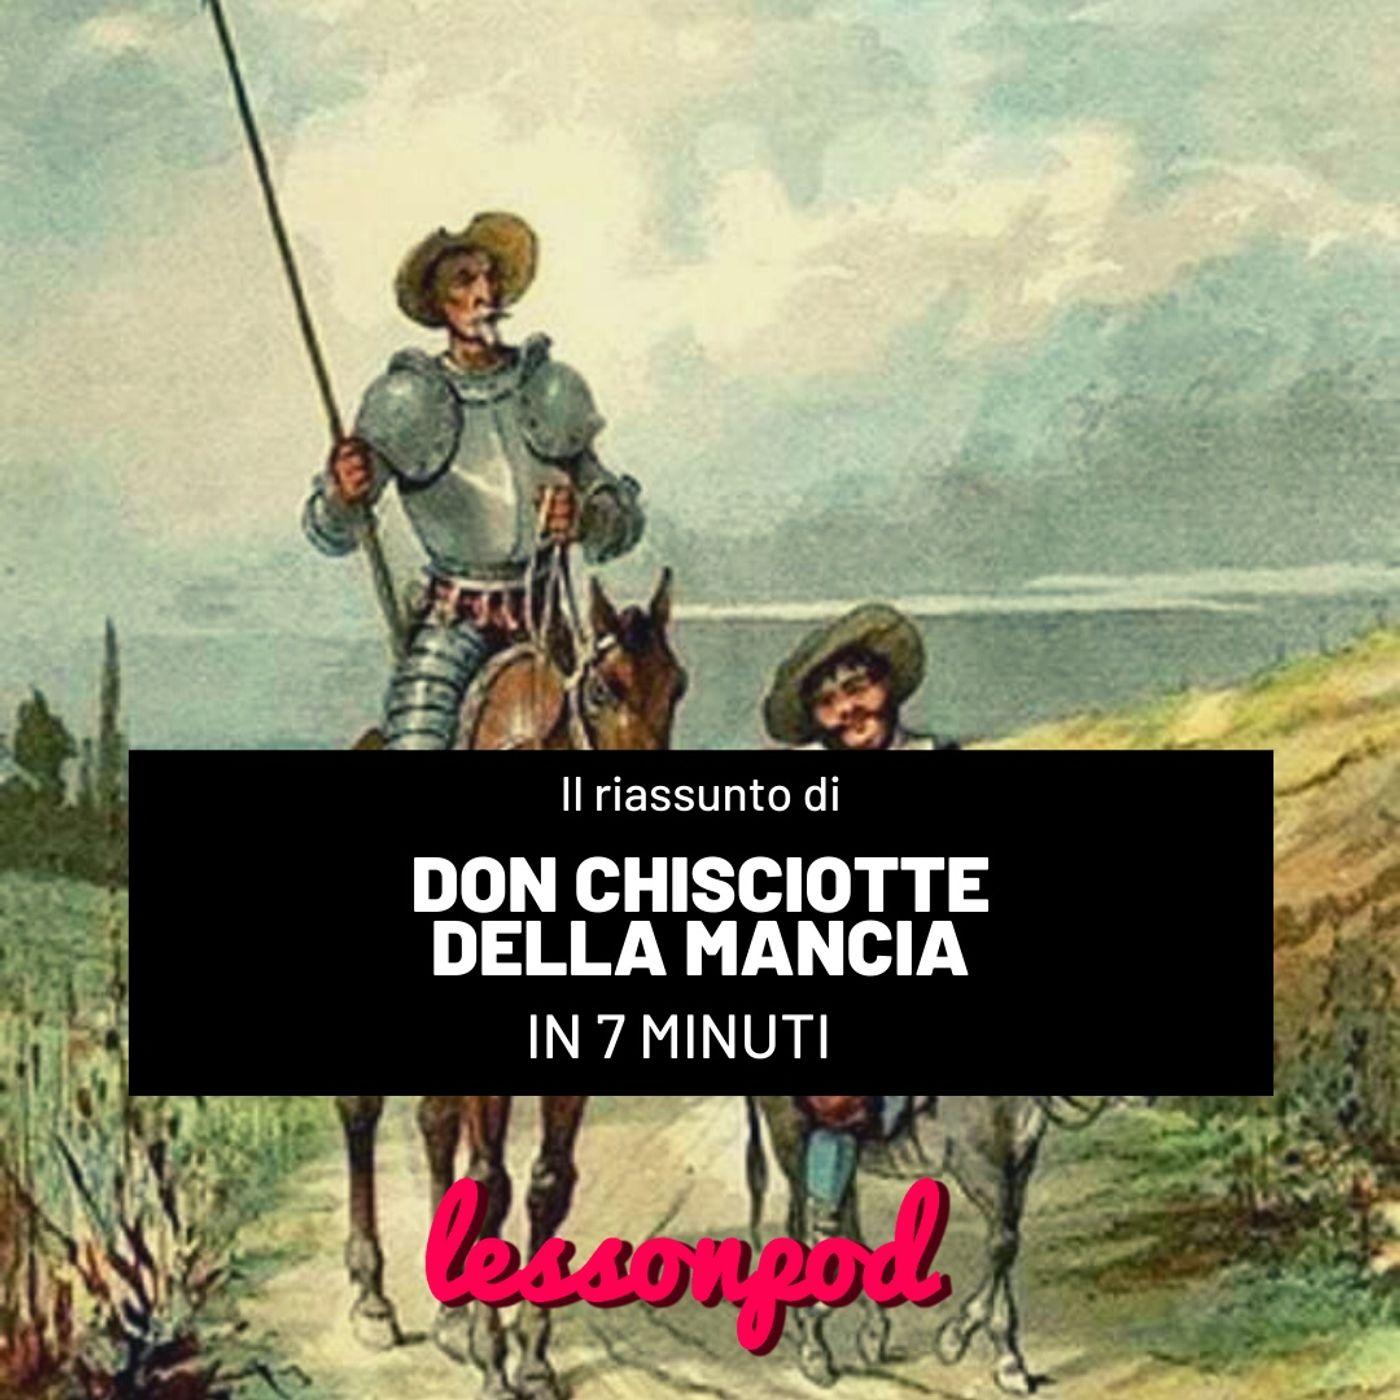 Don Chisciotte della Mancia in 7 minuti